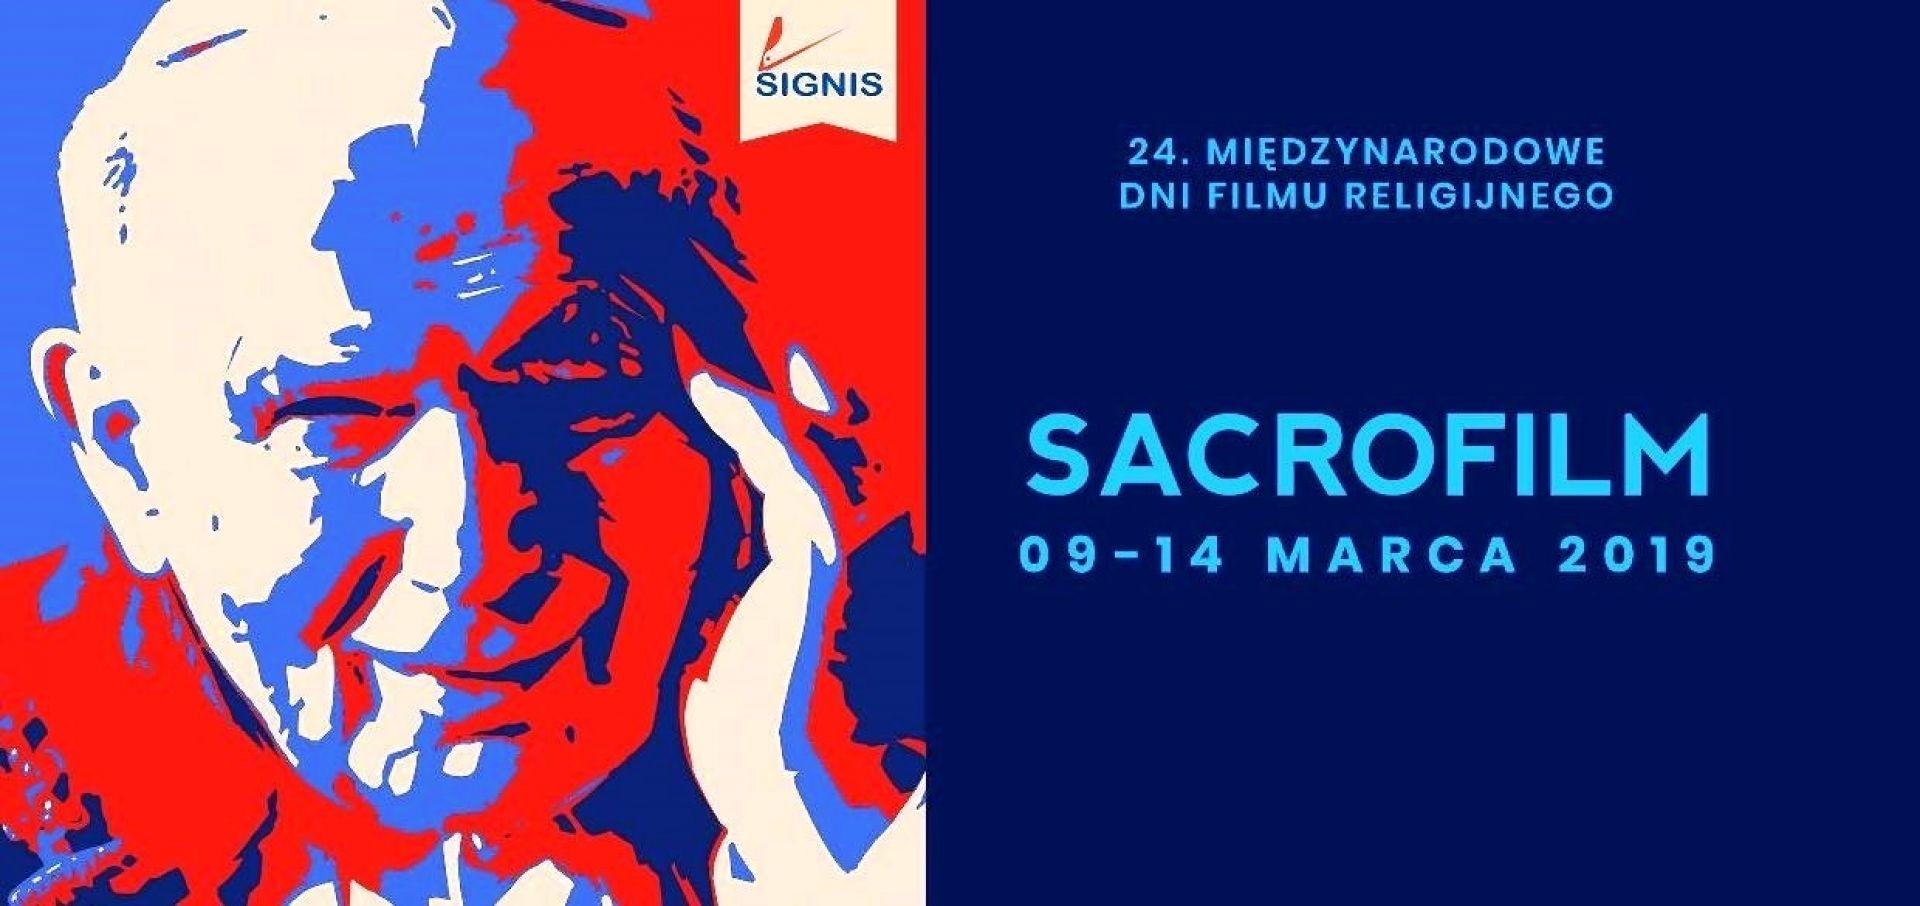 24 Międzynarodowe Dni Filmu Religijnego Sacrofilm Ezamoscpl